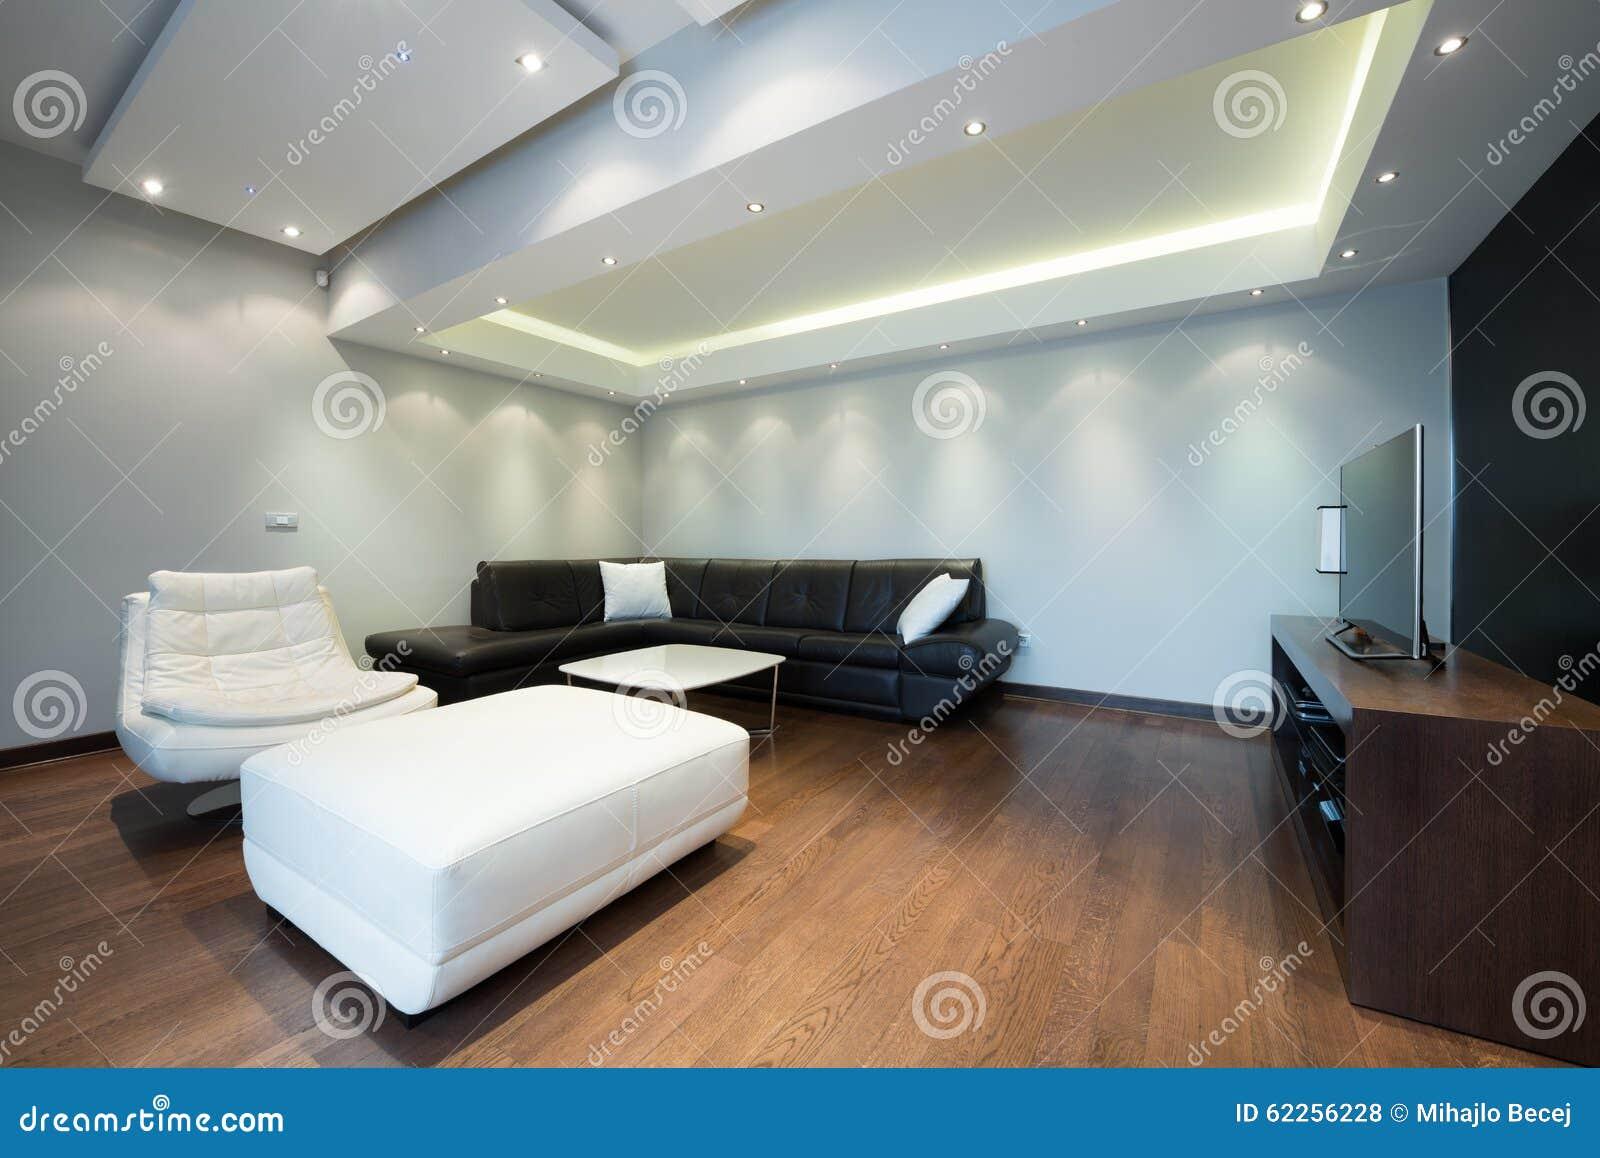 Interior de uma sala de visitas luxuosa com luzes de teto bonitas